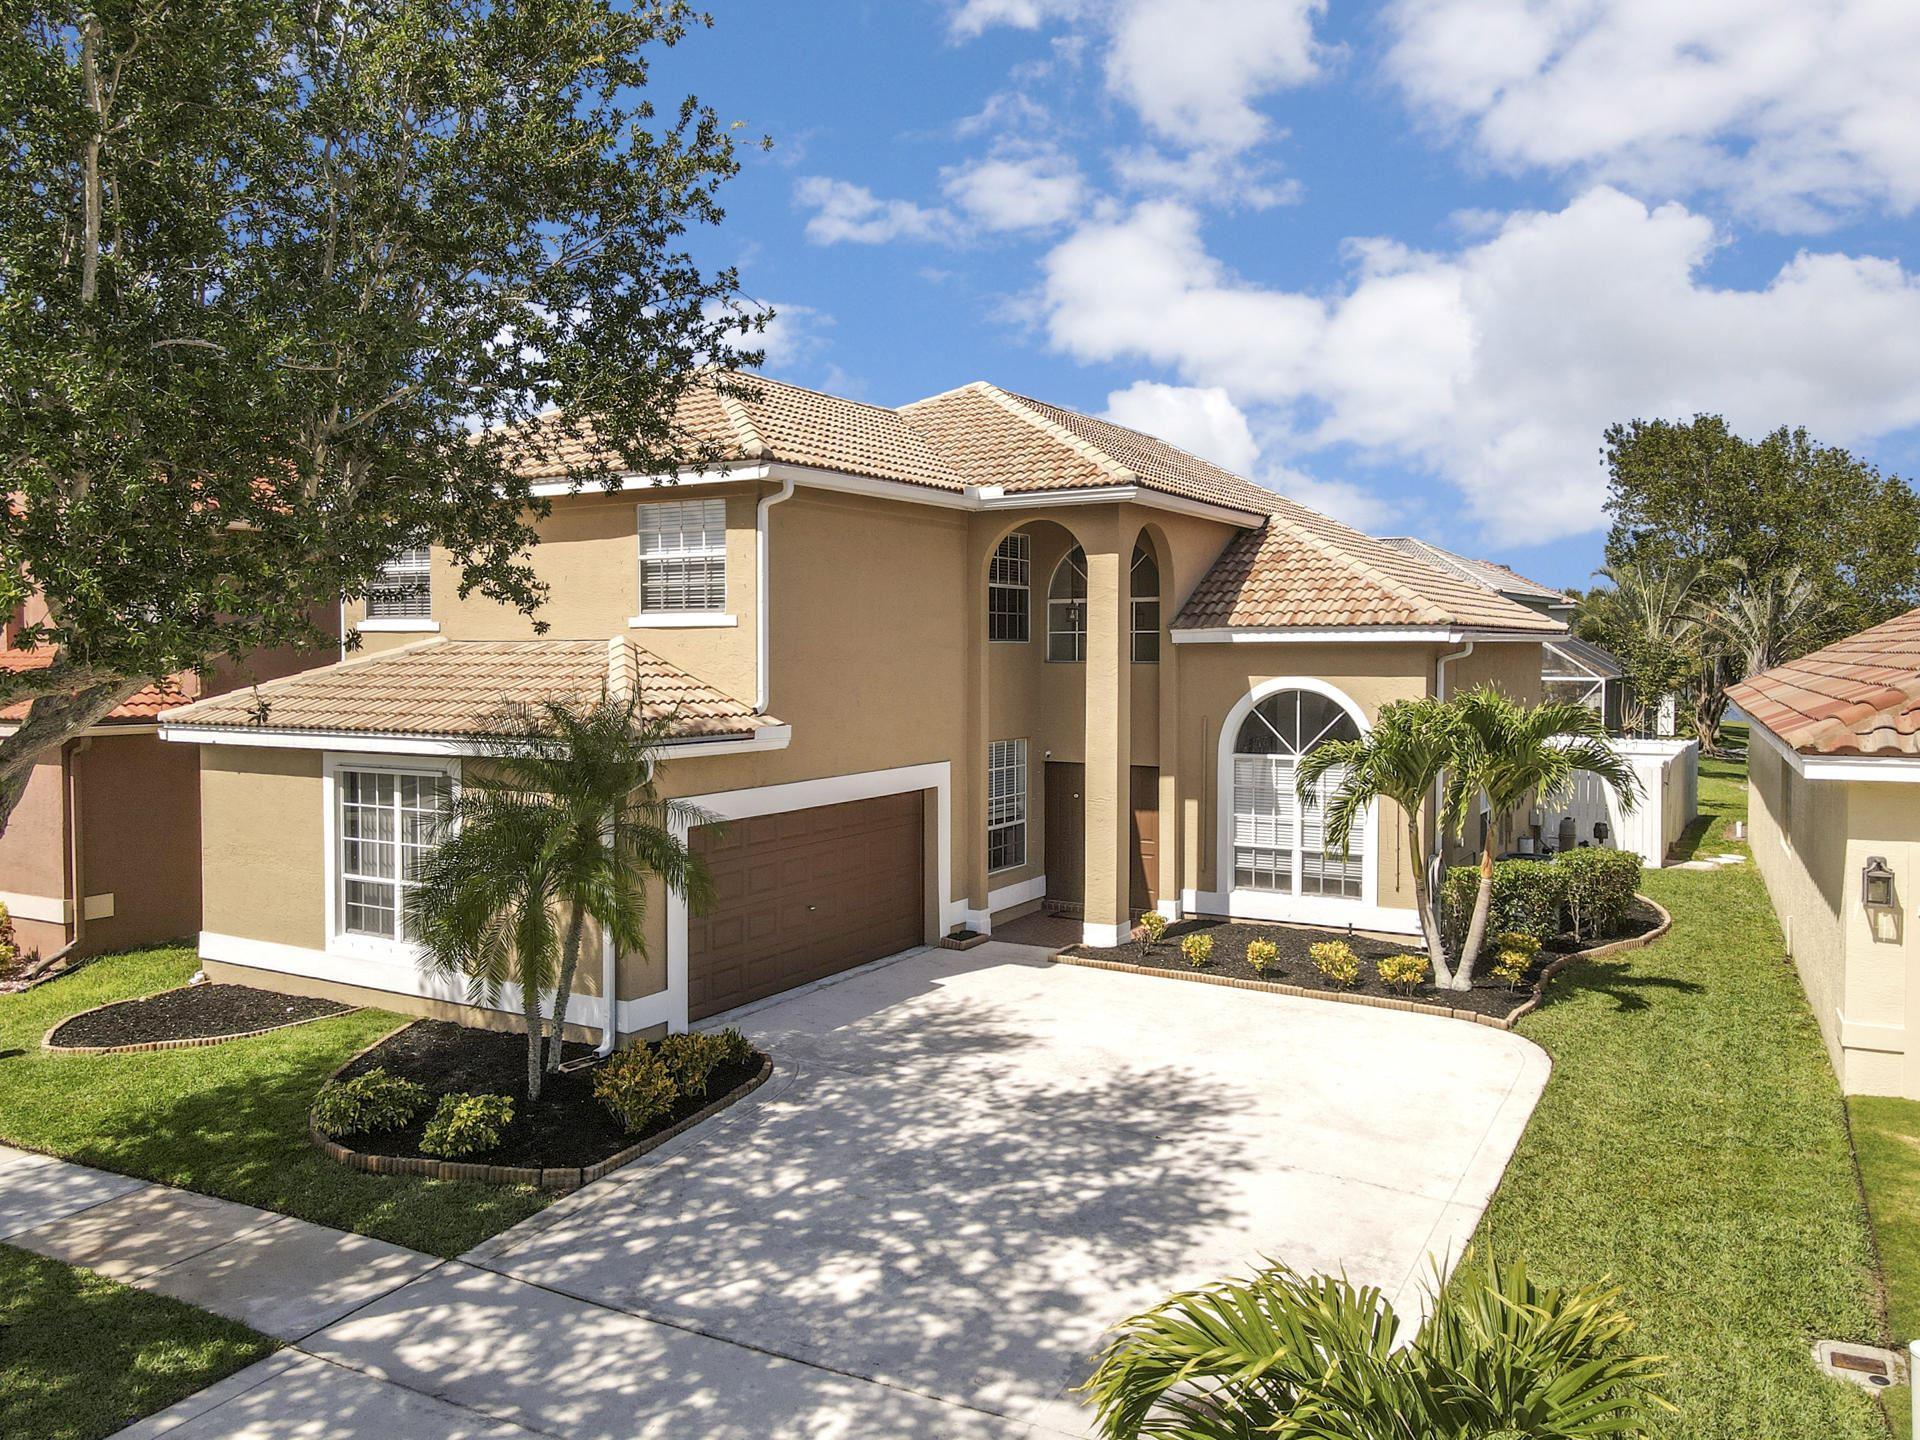 6017 Newport Village Way, Lake Worth, FL 33463 - #: RX-10704482